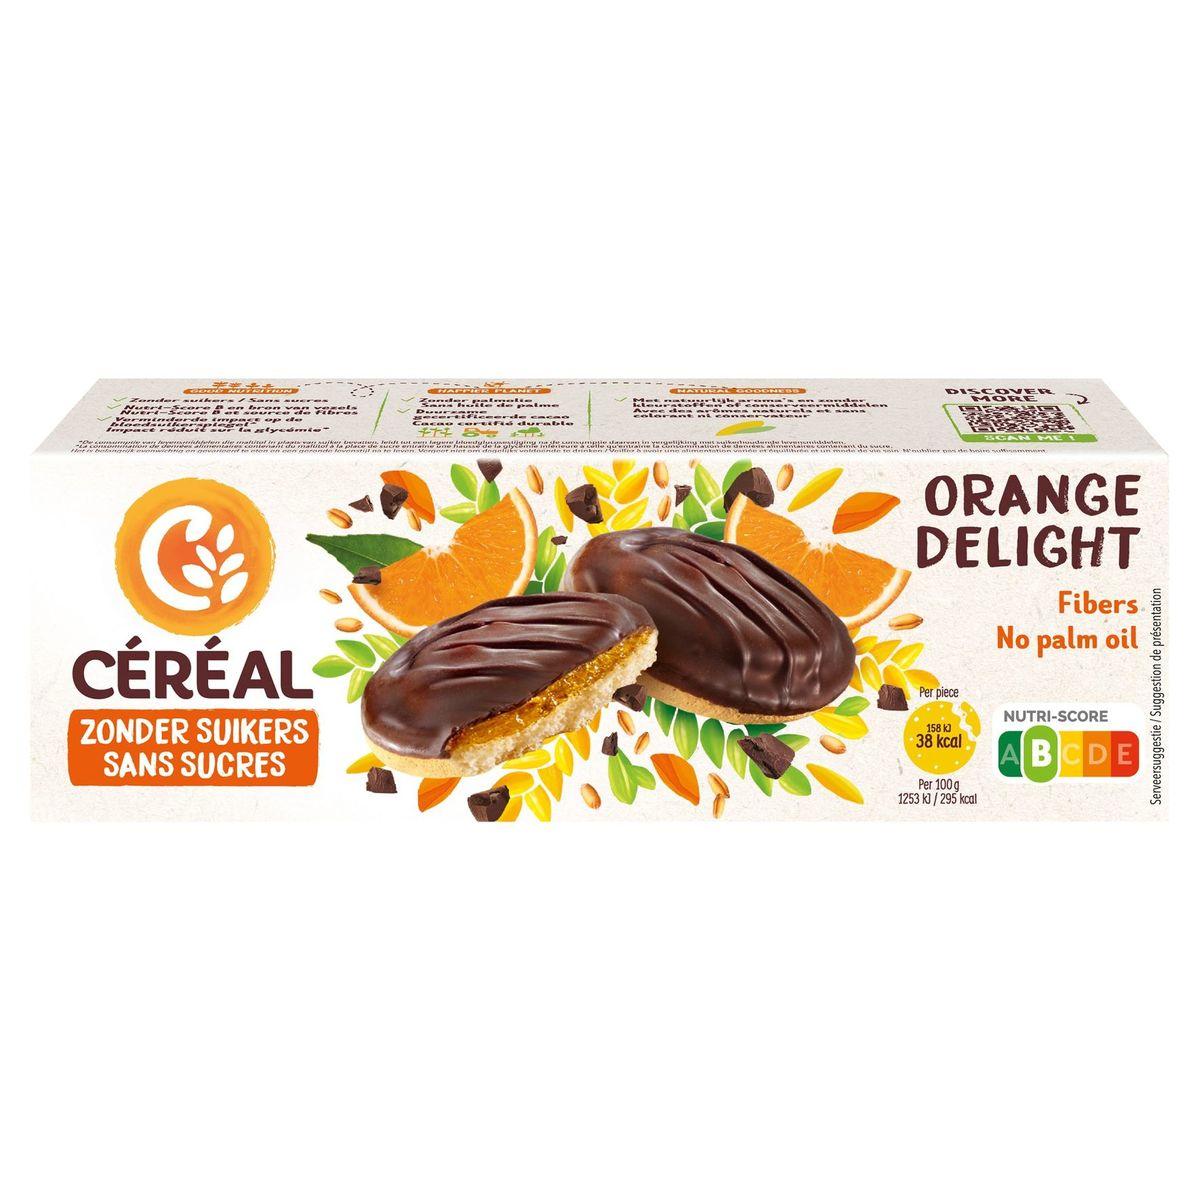 Céréal Zonder Suikers Orange Delight 11 Koekjes 140 g